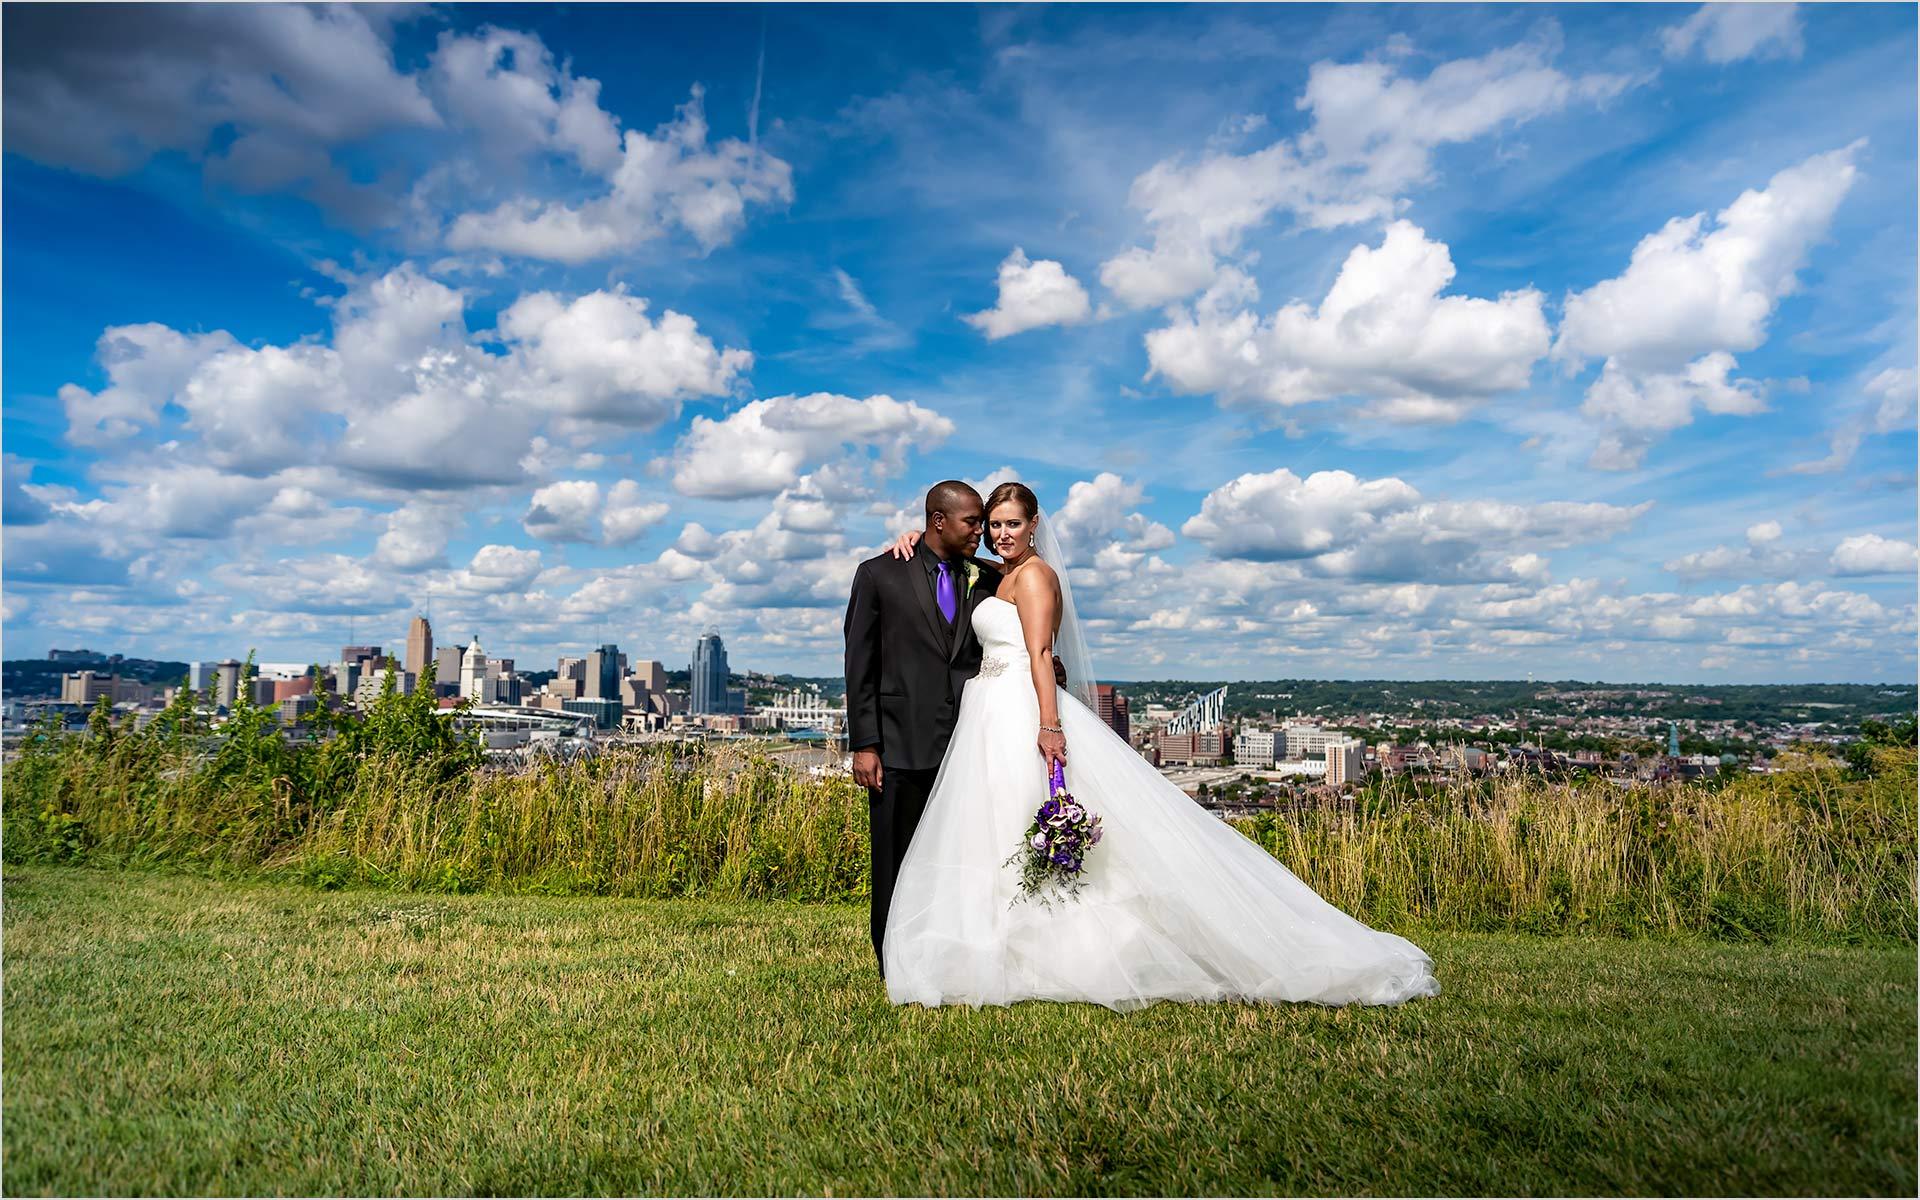 Cincinnati Skyline, Devou Park, The Center Cincinnati, Bride Groom